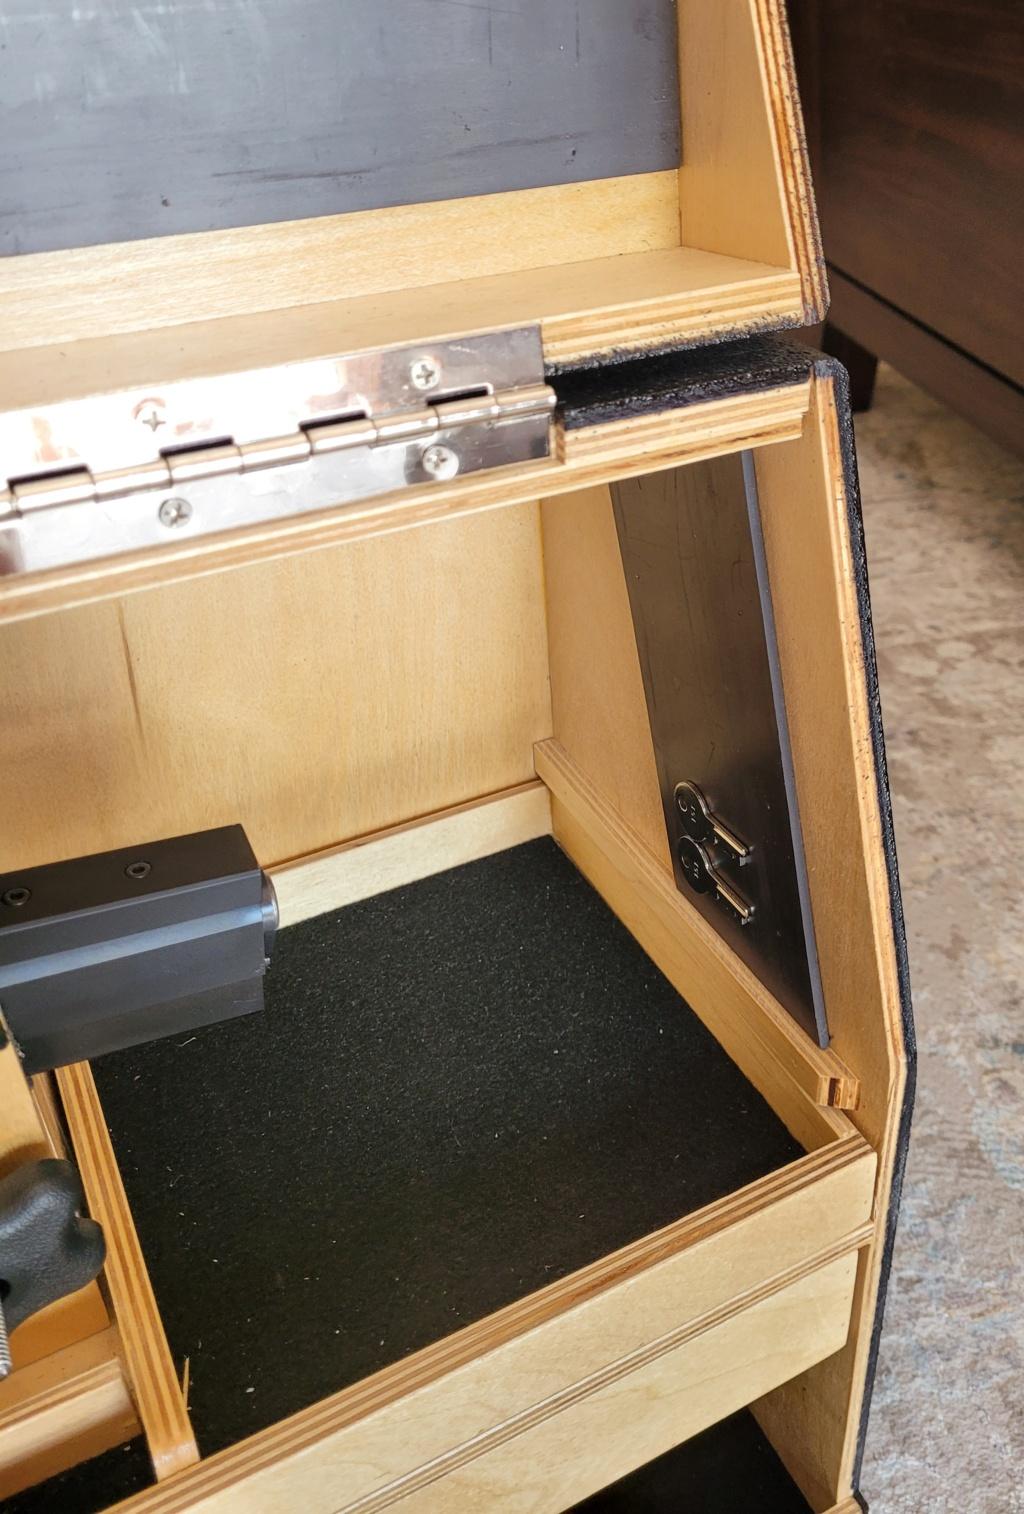 Sold: Precision Pistol Box - 3 Gun Deluxe Mint - $275 20210516